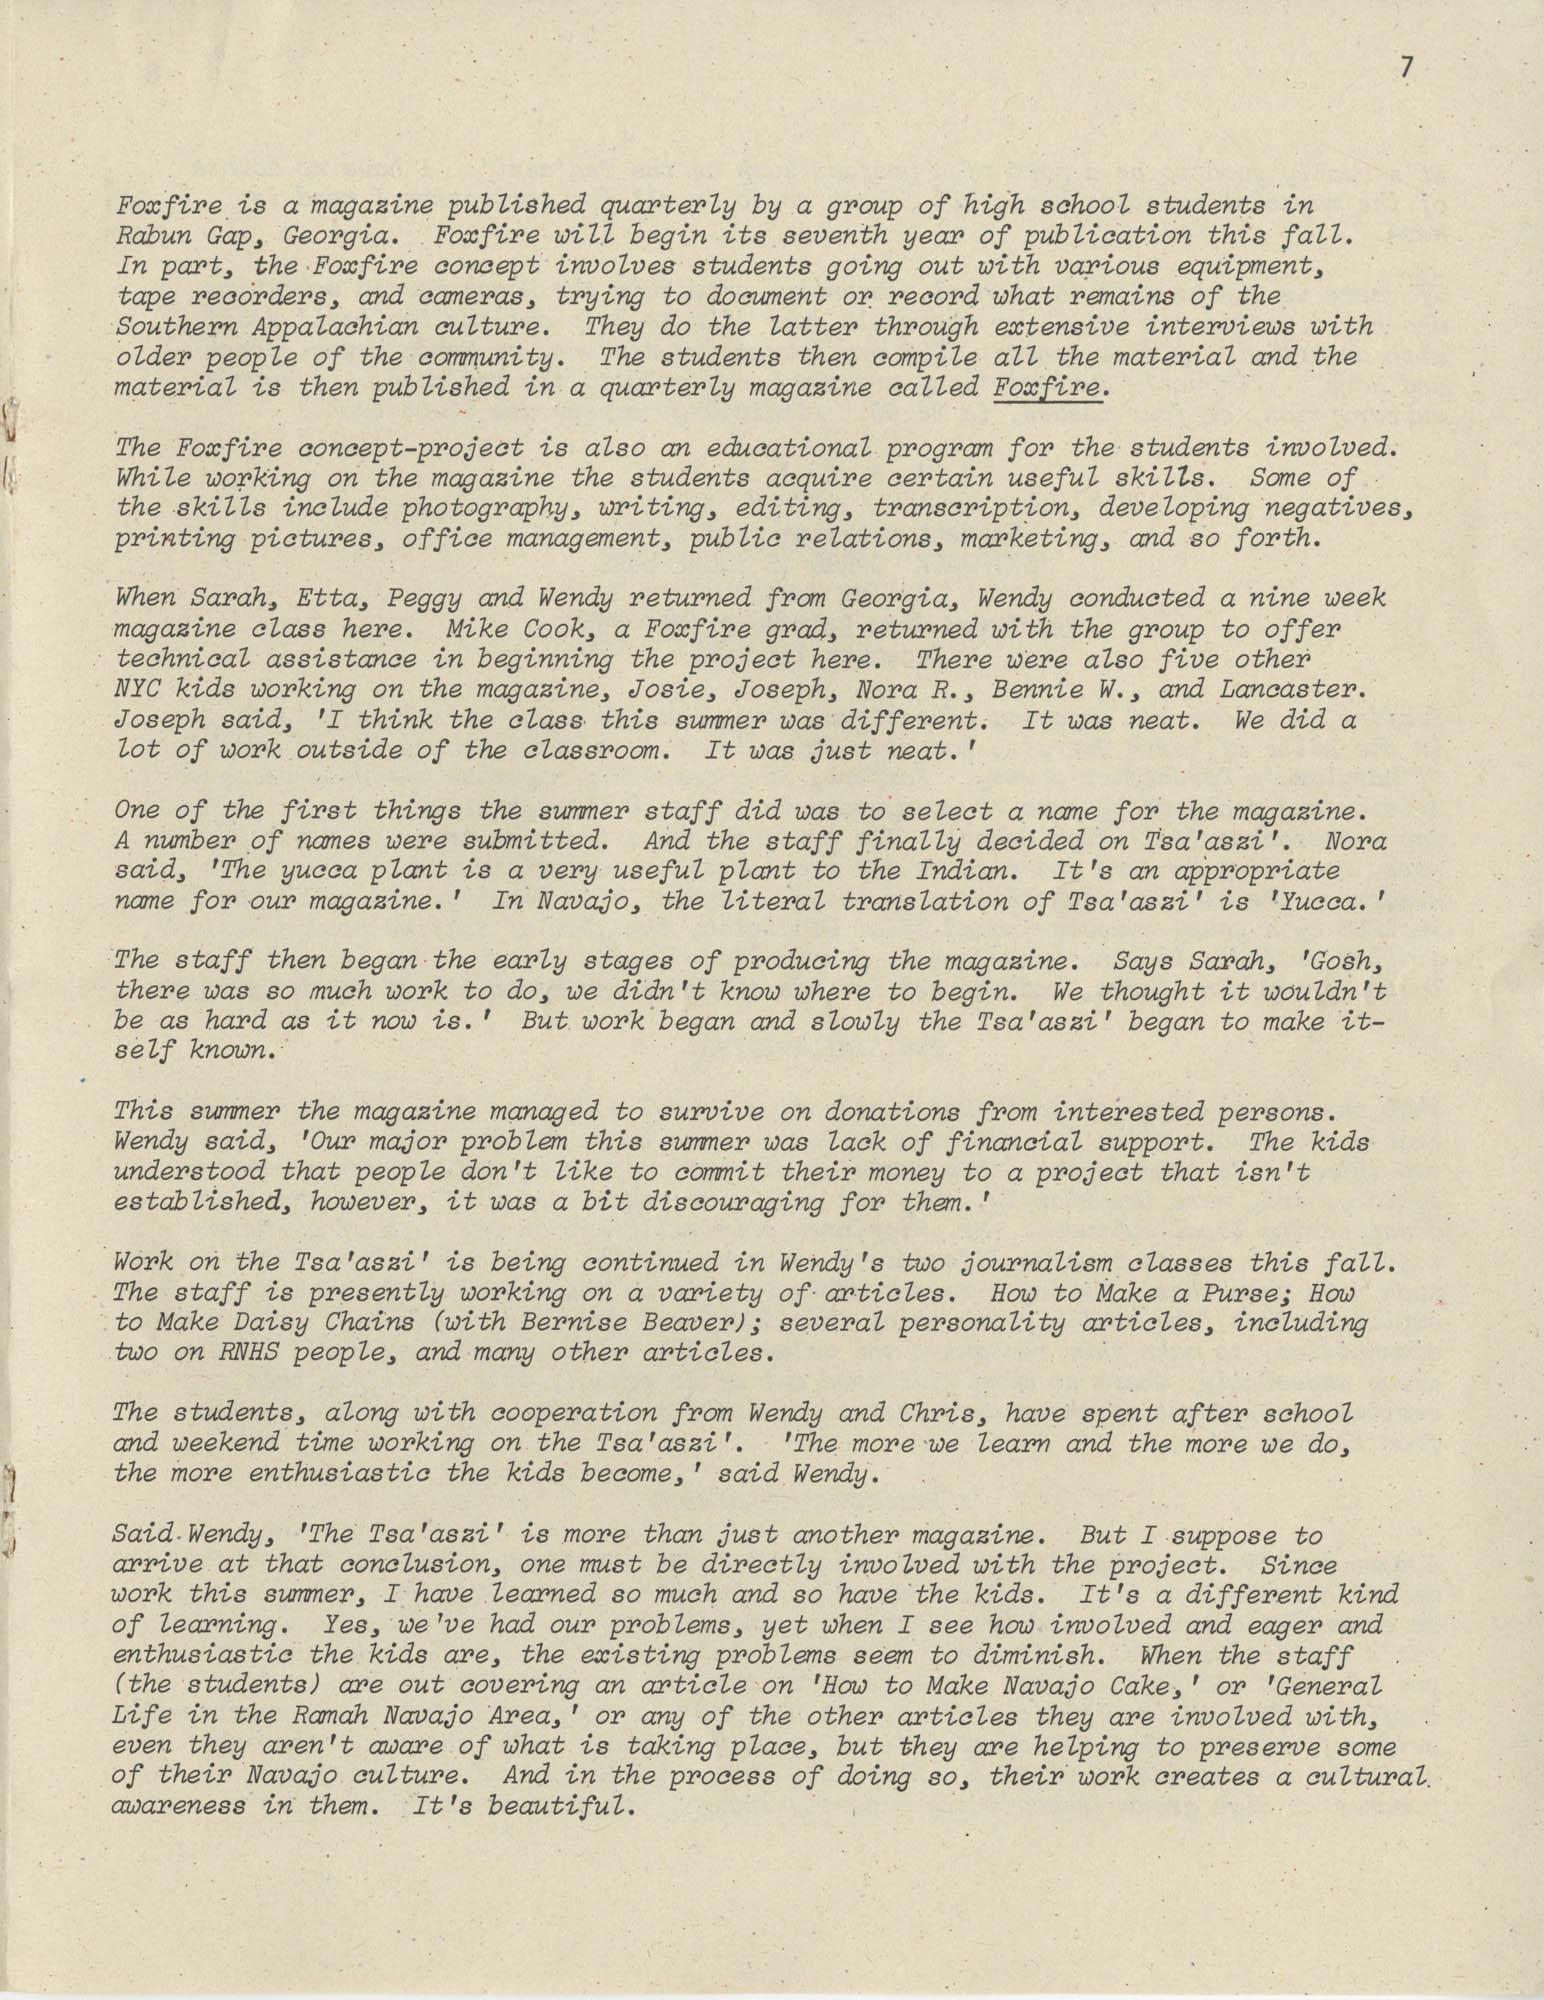 Exchange, Vol. 1, No. 1, Page 7